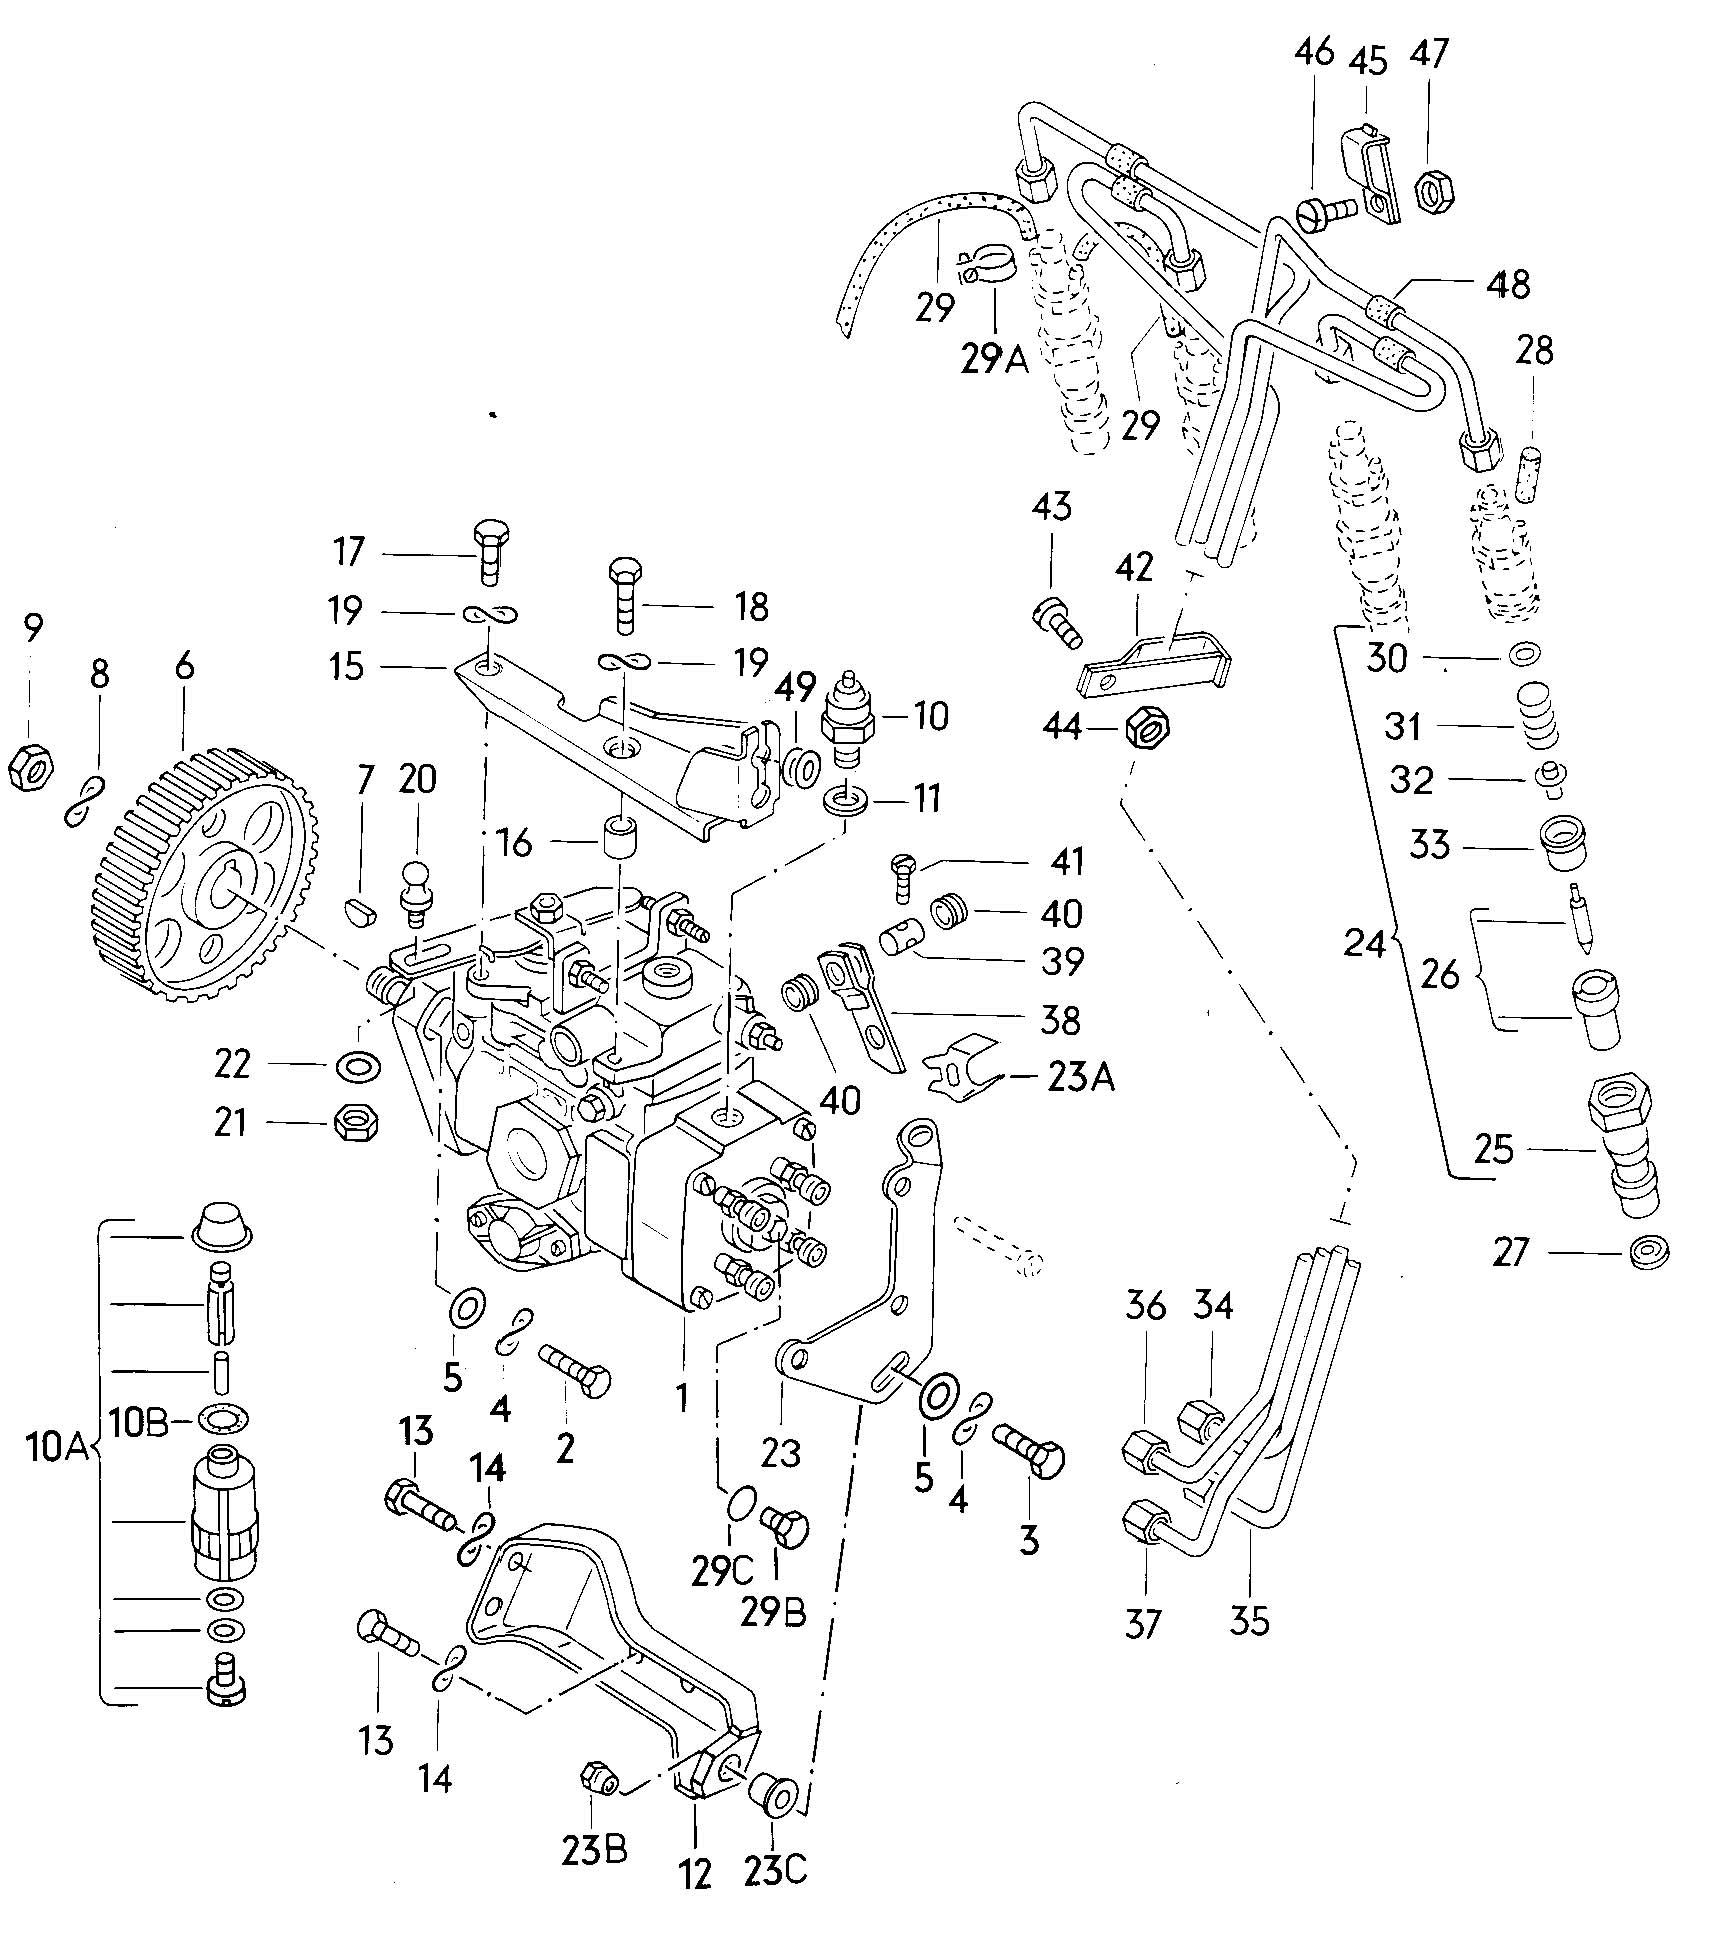 Diagram Vw Cabrio Wiring Diagrams Full Version Hd